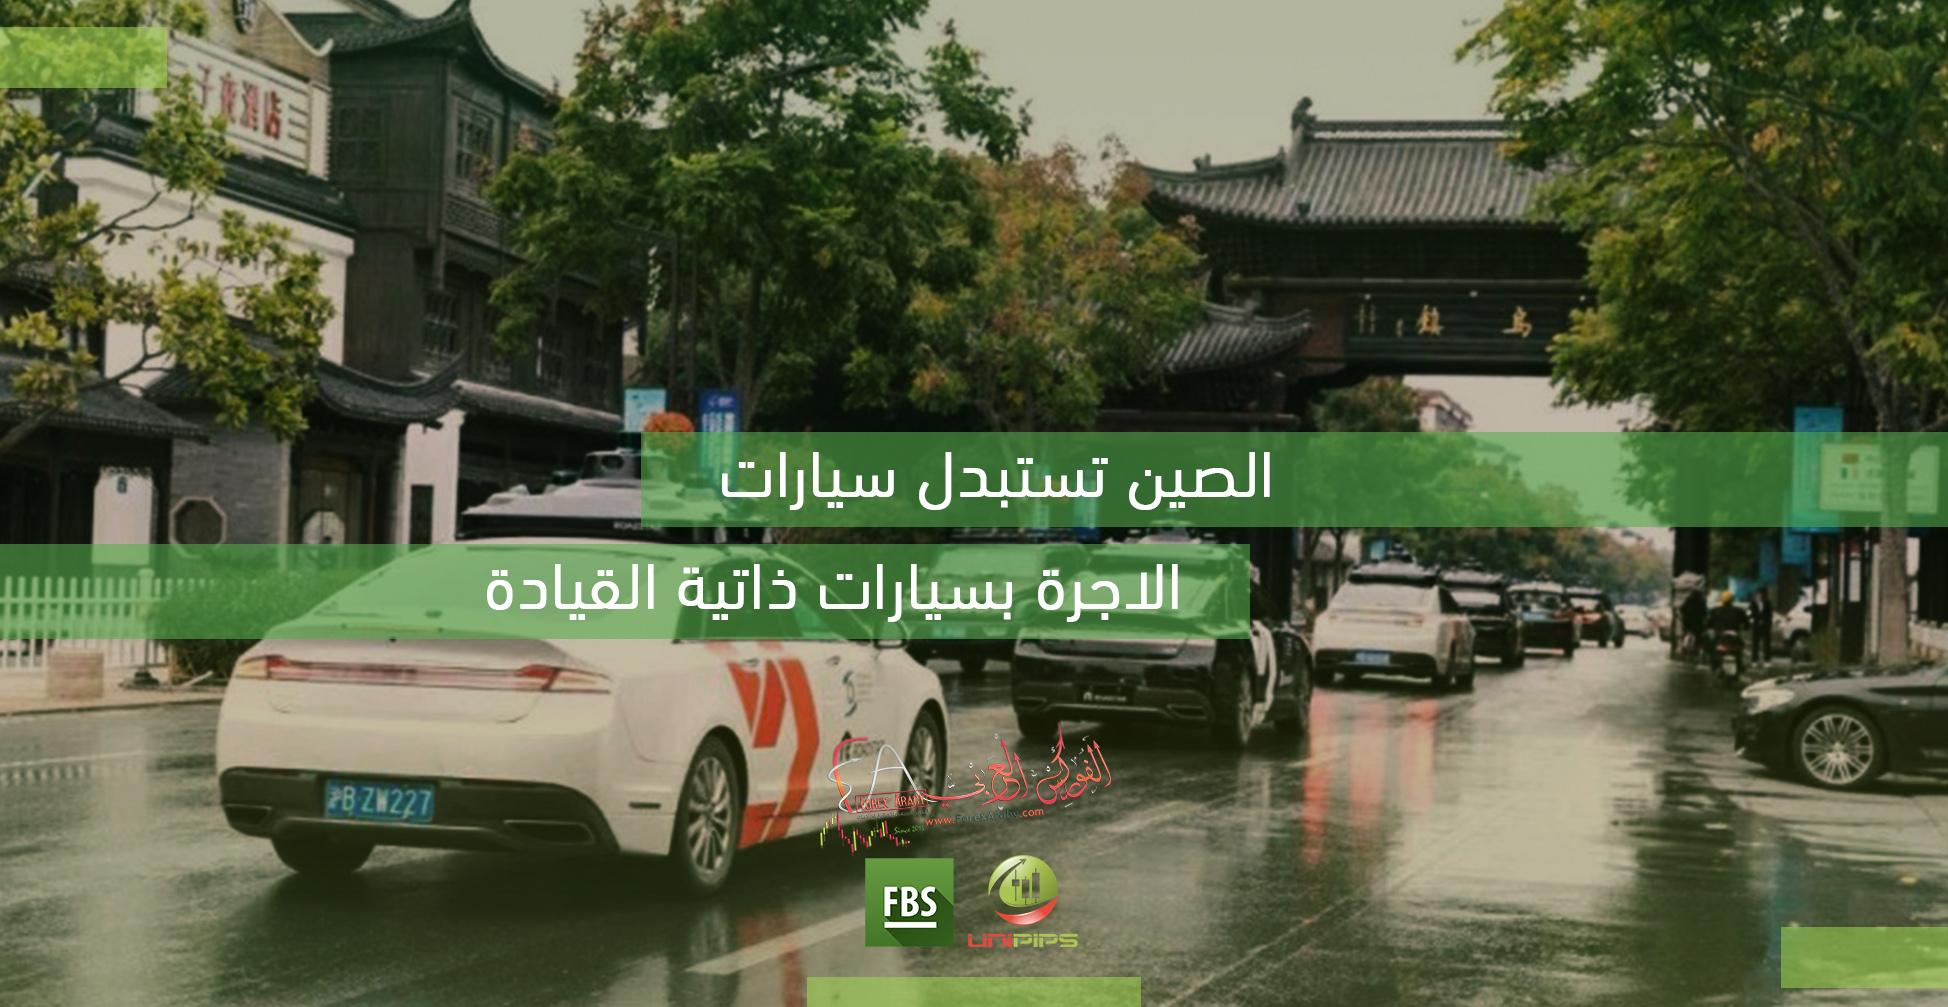 الصين تستبدل سيارات الأجرة بسيارات ذاتية القيادة!